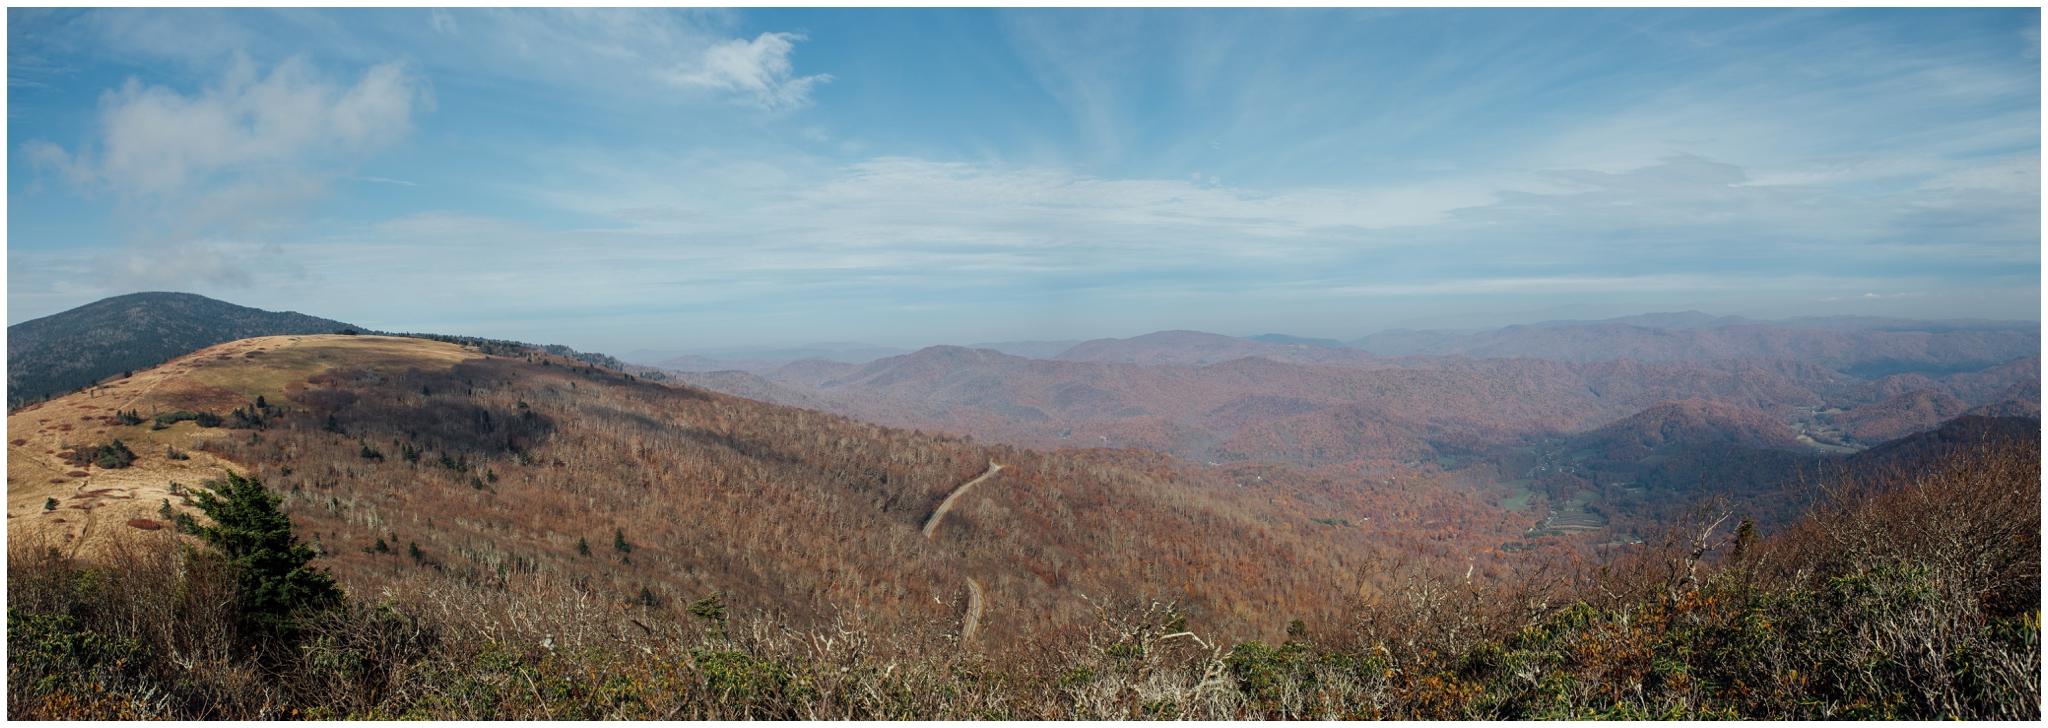 roan-mountain-carvers-gap-appalachian-trail-katy-sergent_0025.jpg